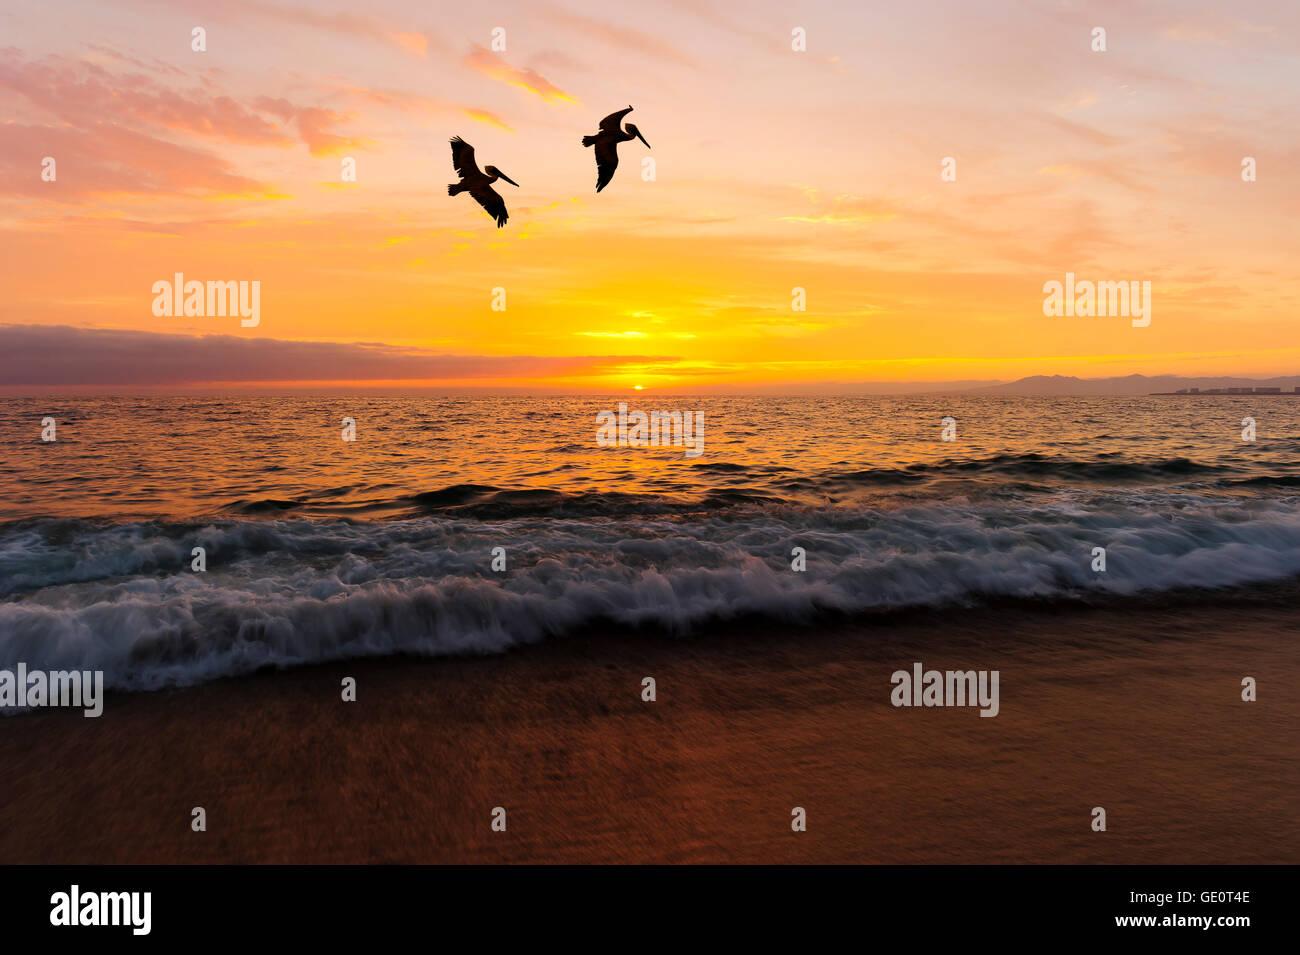 Silhouette di uccelli è di due grandi uccelli marini battenti contro un vivace e colorato tramonto oceano come Immagini Stock